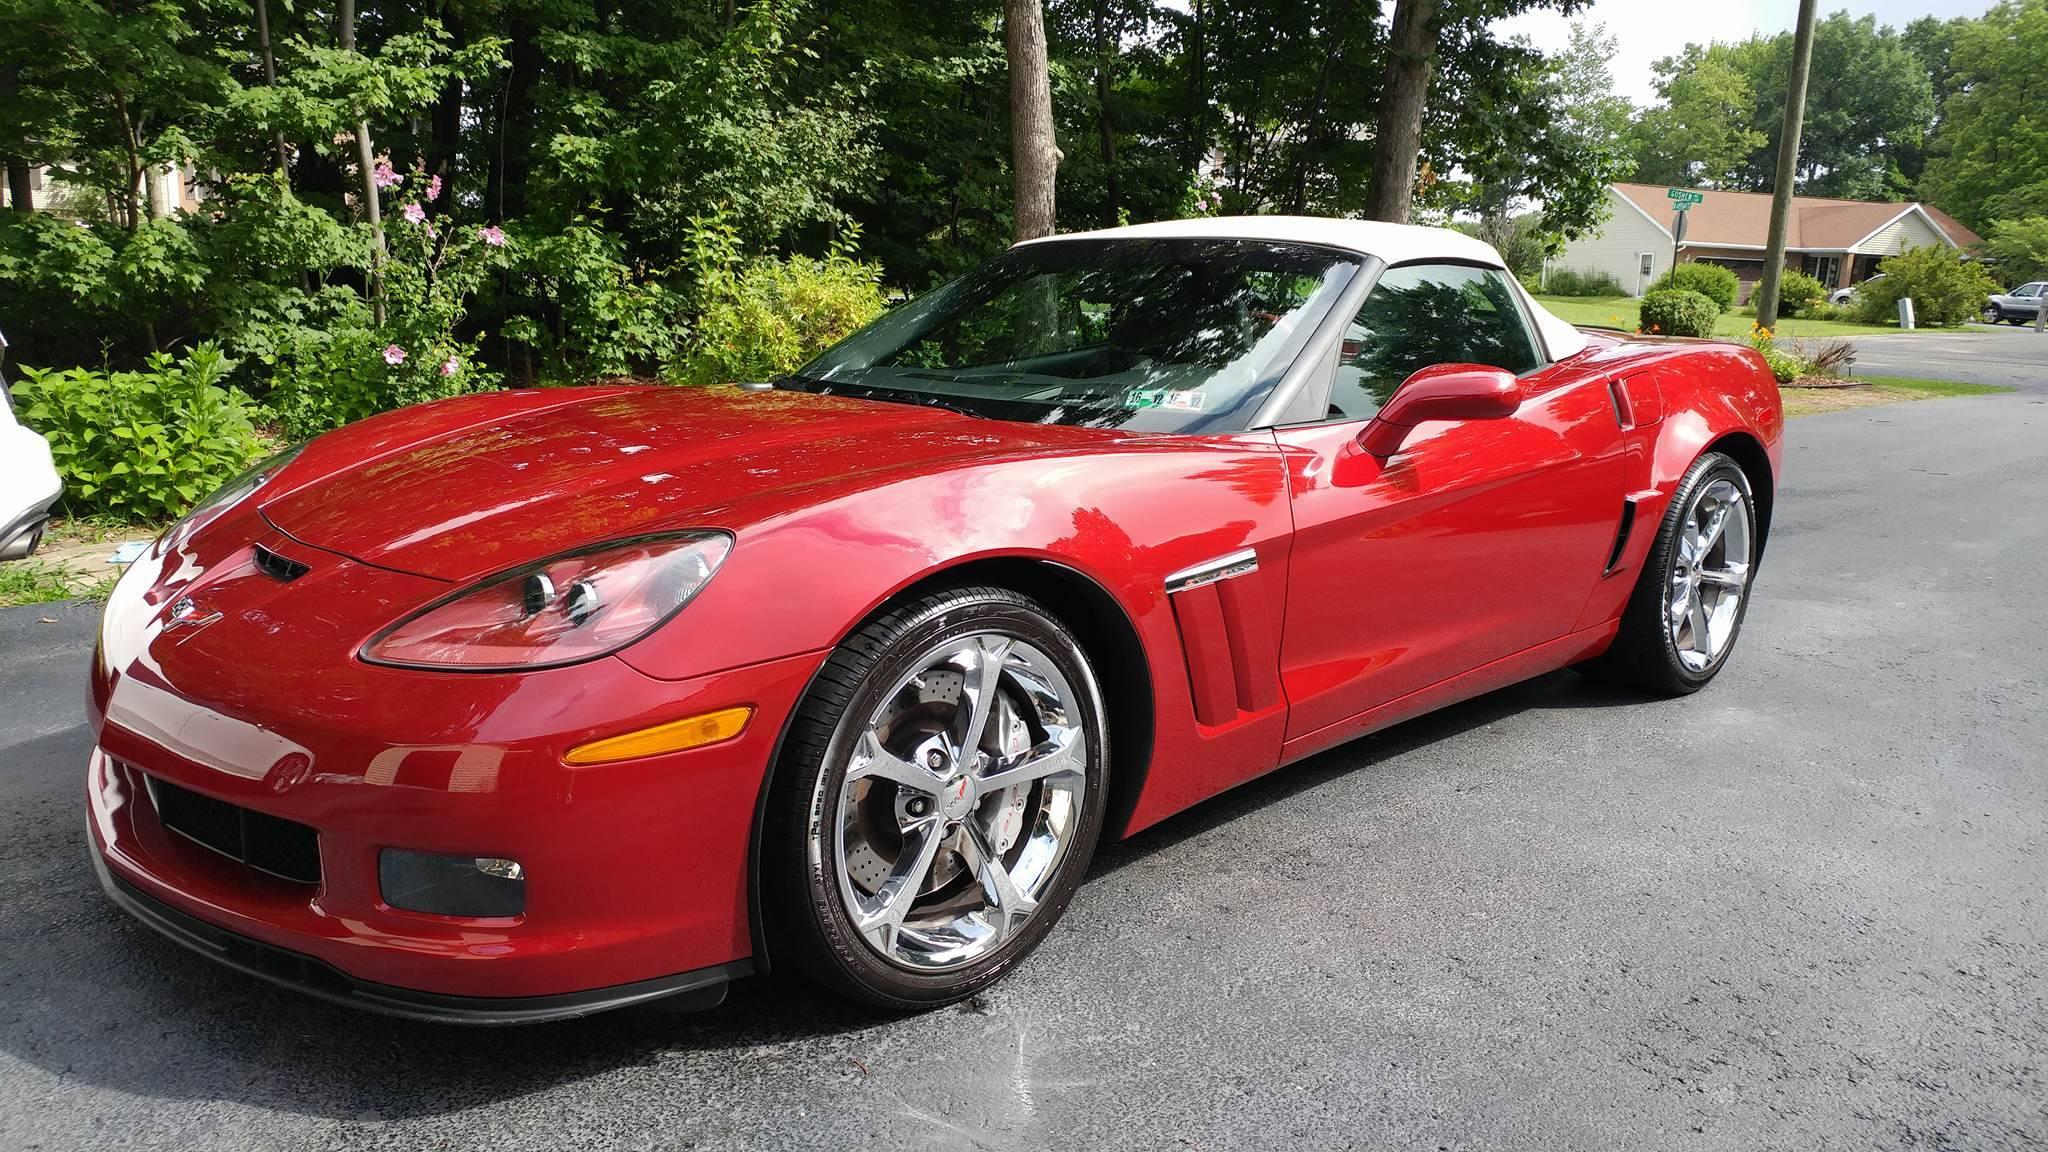 Red C6 Corvette